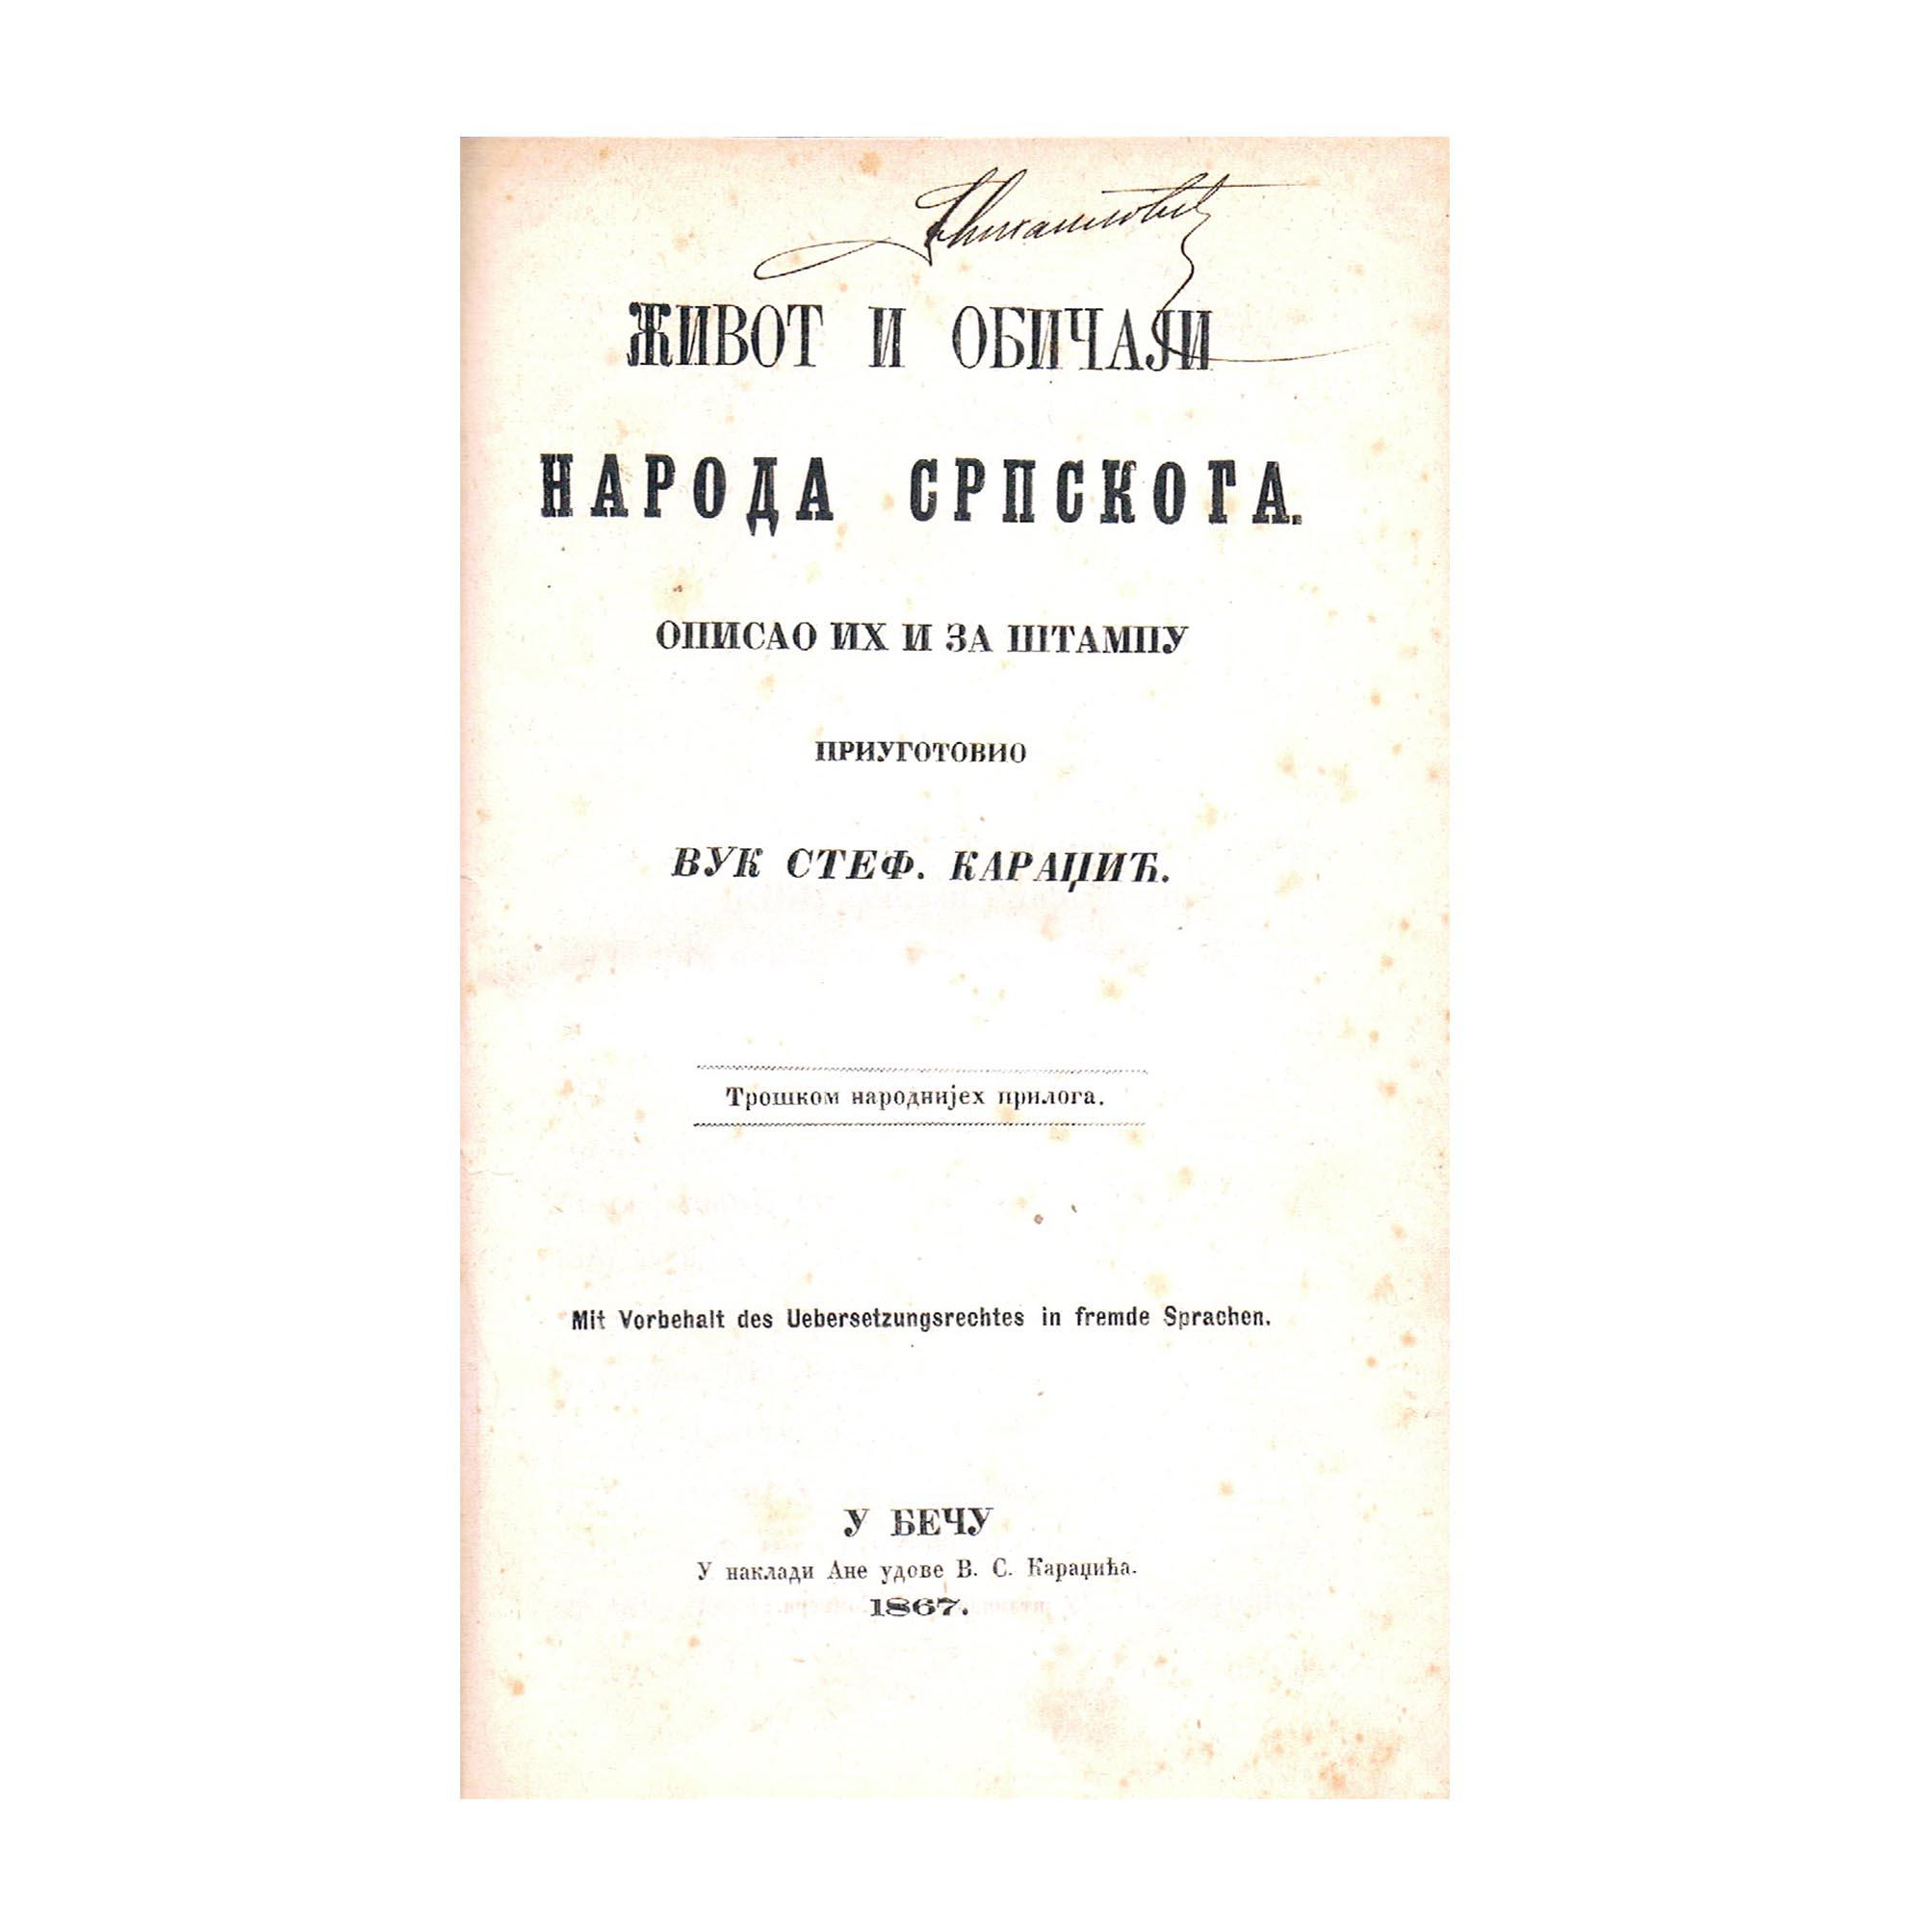 1295-Karadzic-Zivot-1867-Titel-A-N.jpeg